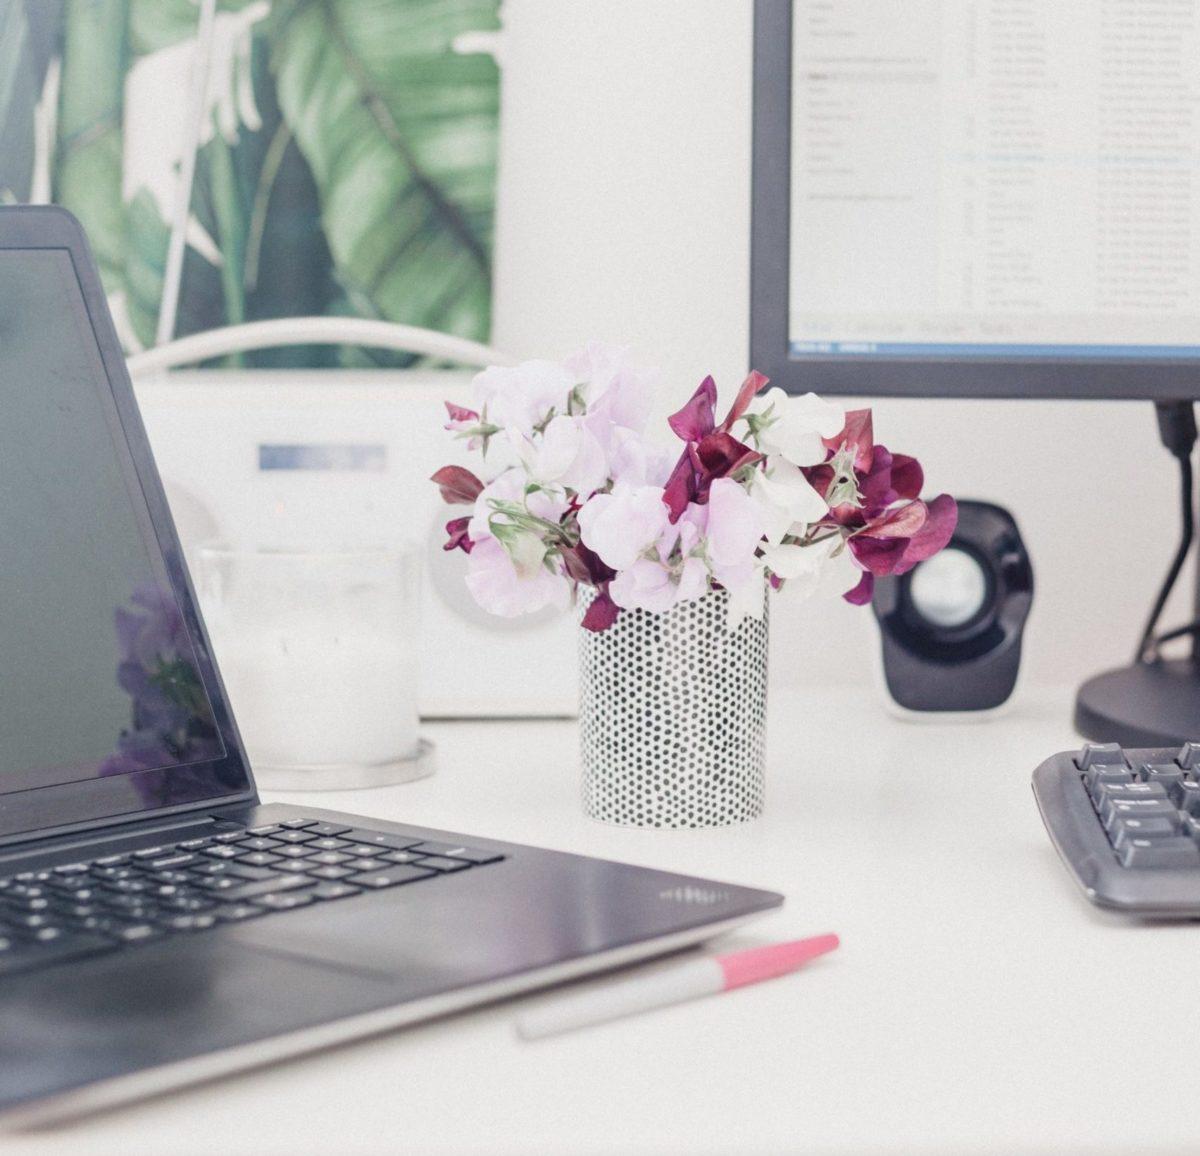 Fijne werkplek thuis maken tips kantoor bureau thuiskantoor inrichten